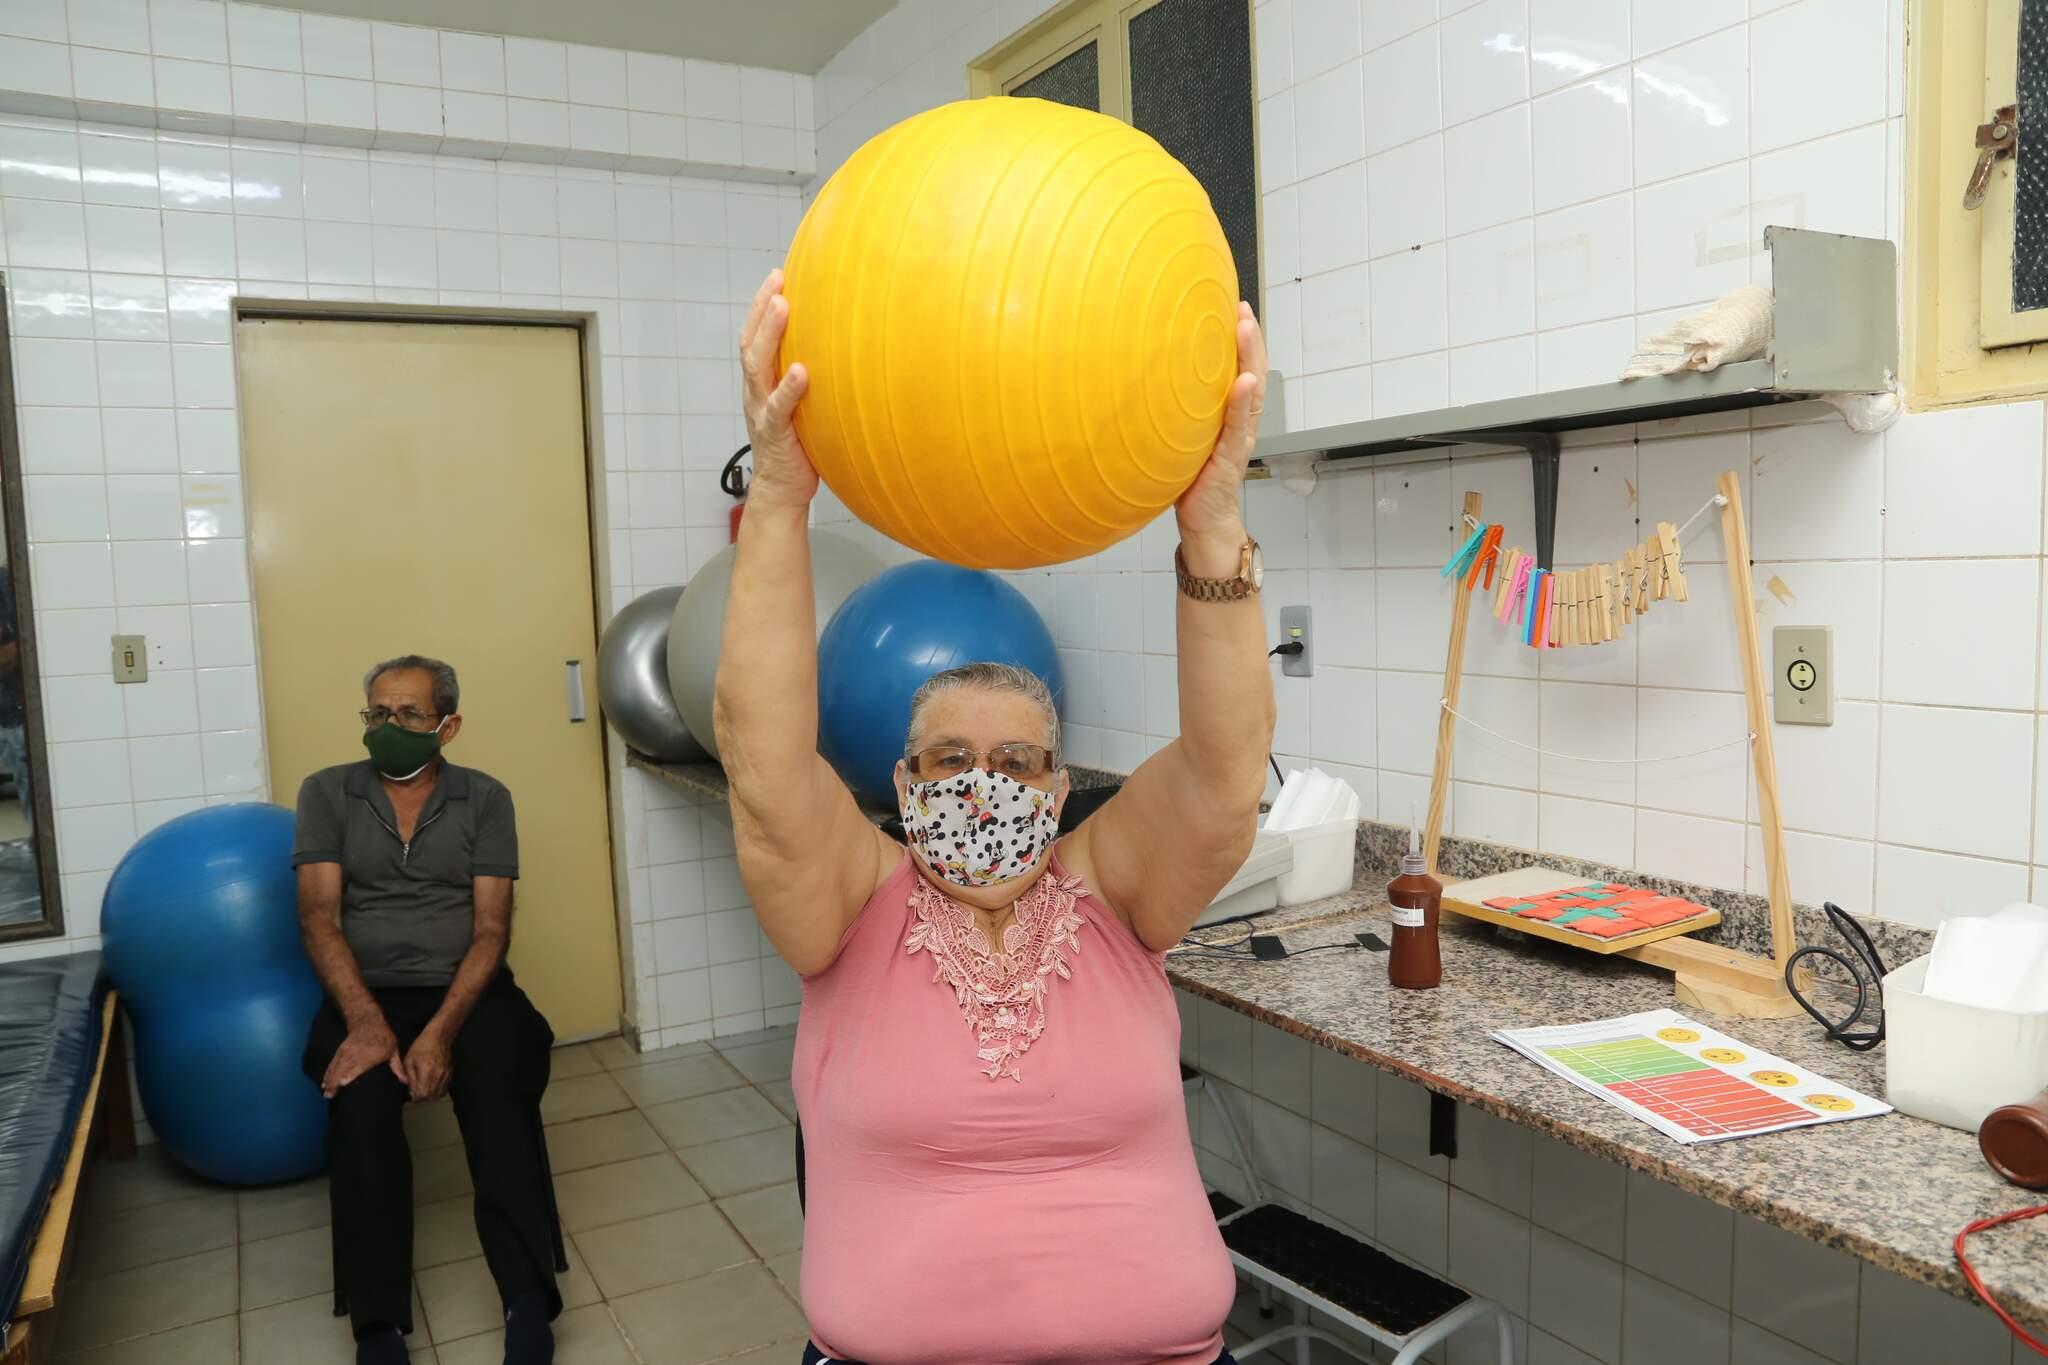 Otávio, ao fundo, e Edna, à frente, durante sessão em reabilitação (Foto: Kísie Ainoã)